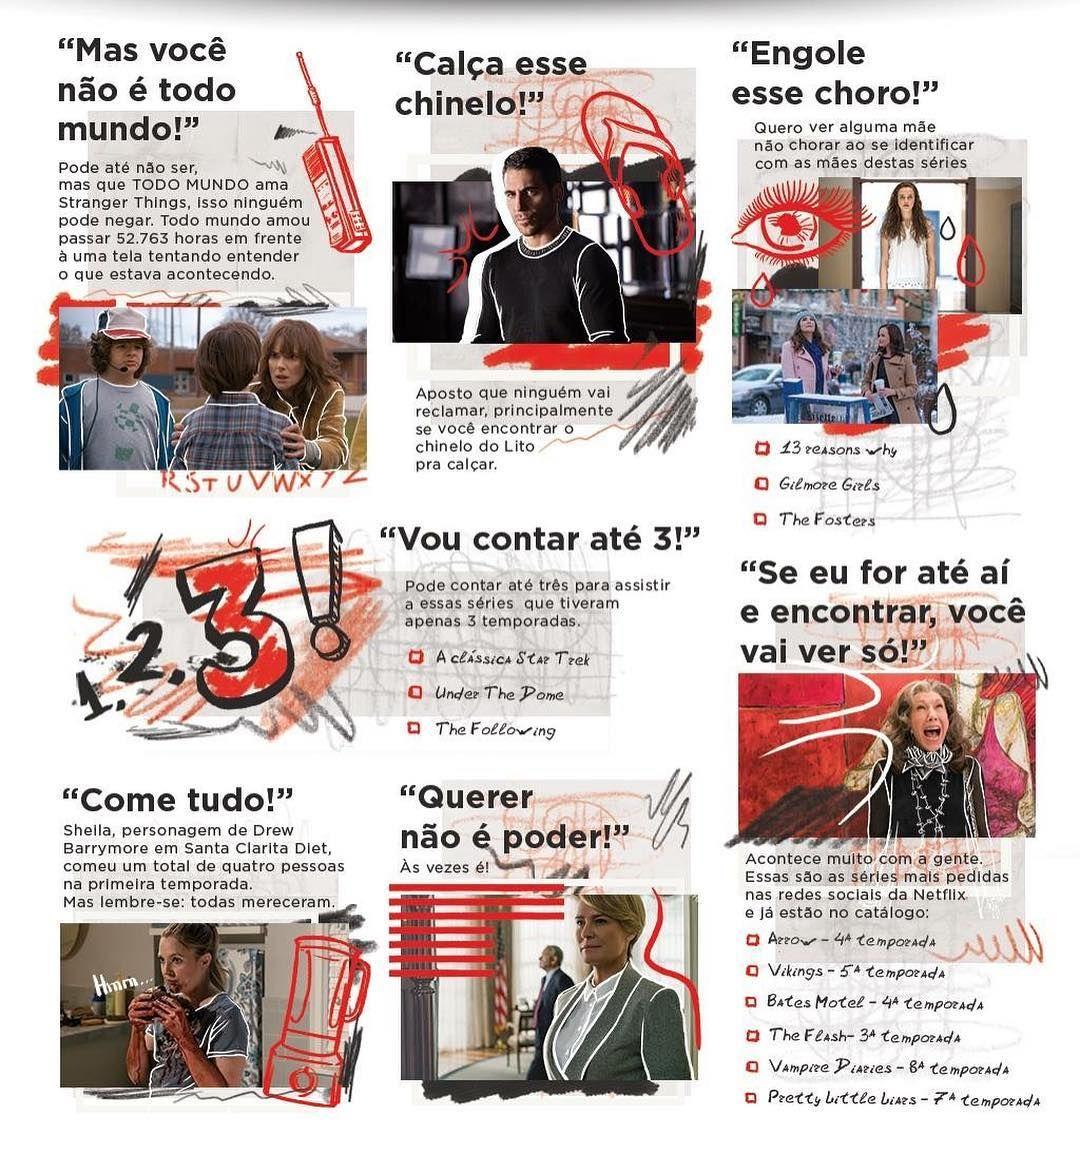 13 Reasons Why 9 Filmes E Series Que Voce Precisa Assistir Na